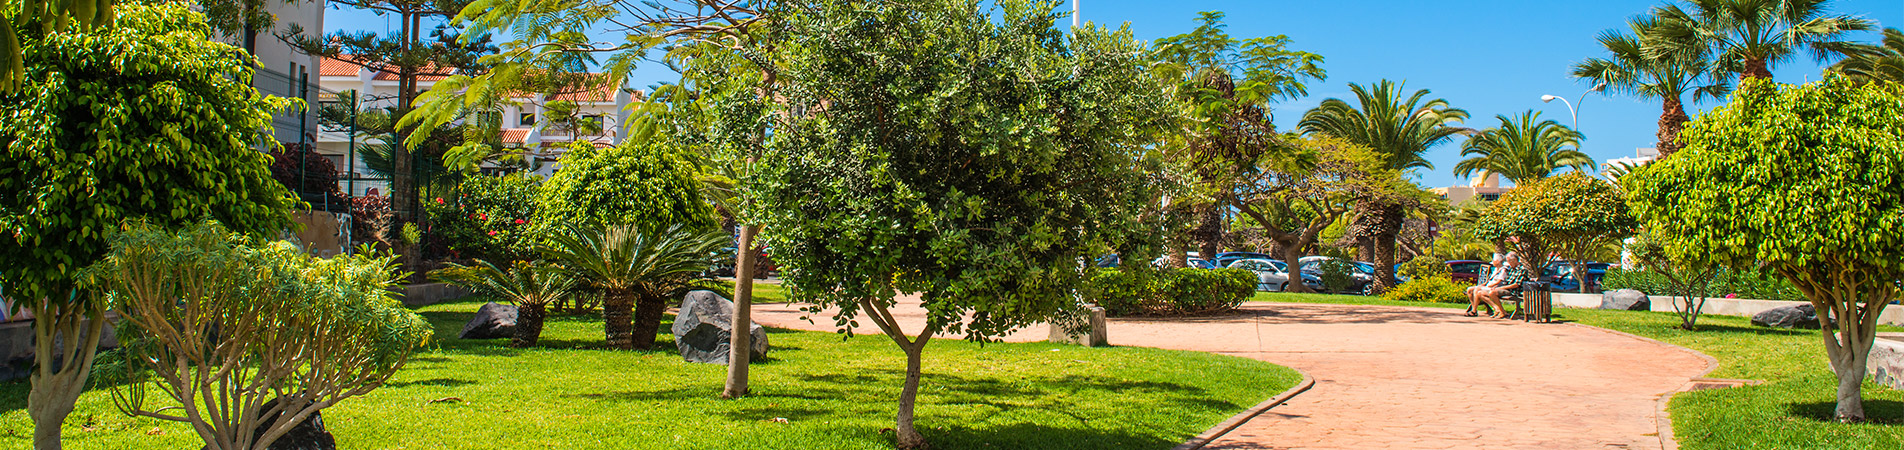 Pareja sentada en un banco del parque diseñado por inter jardinen el barranco aquilino en Los Cristianos, Arona